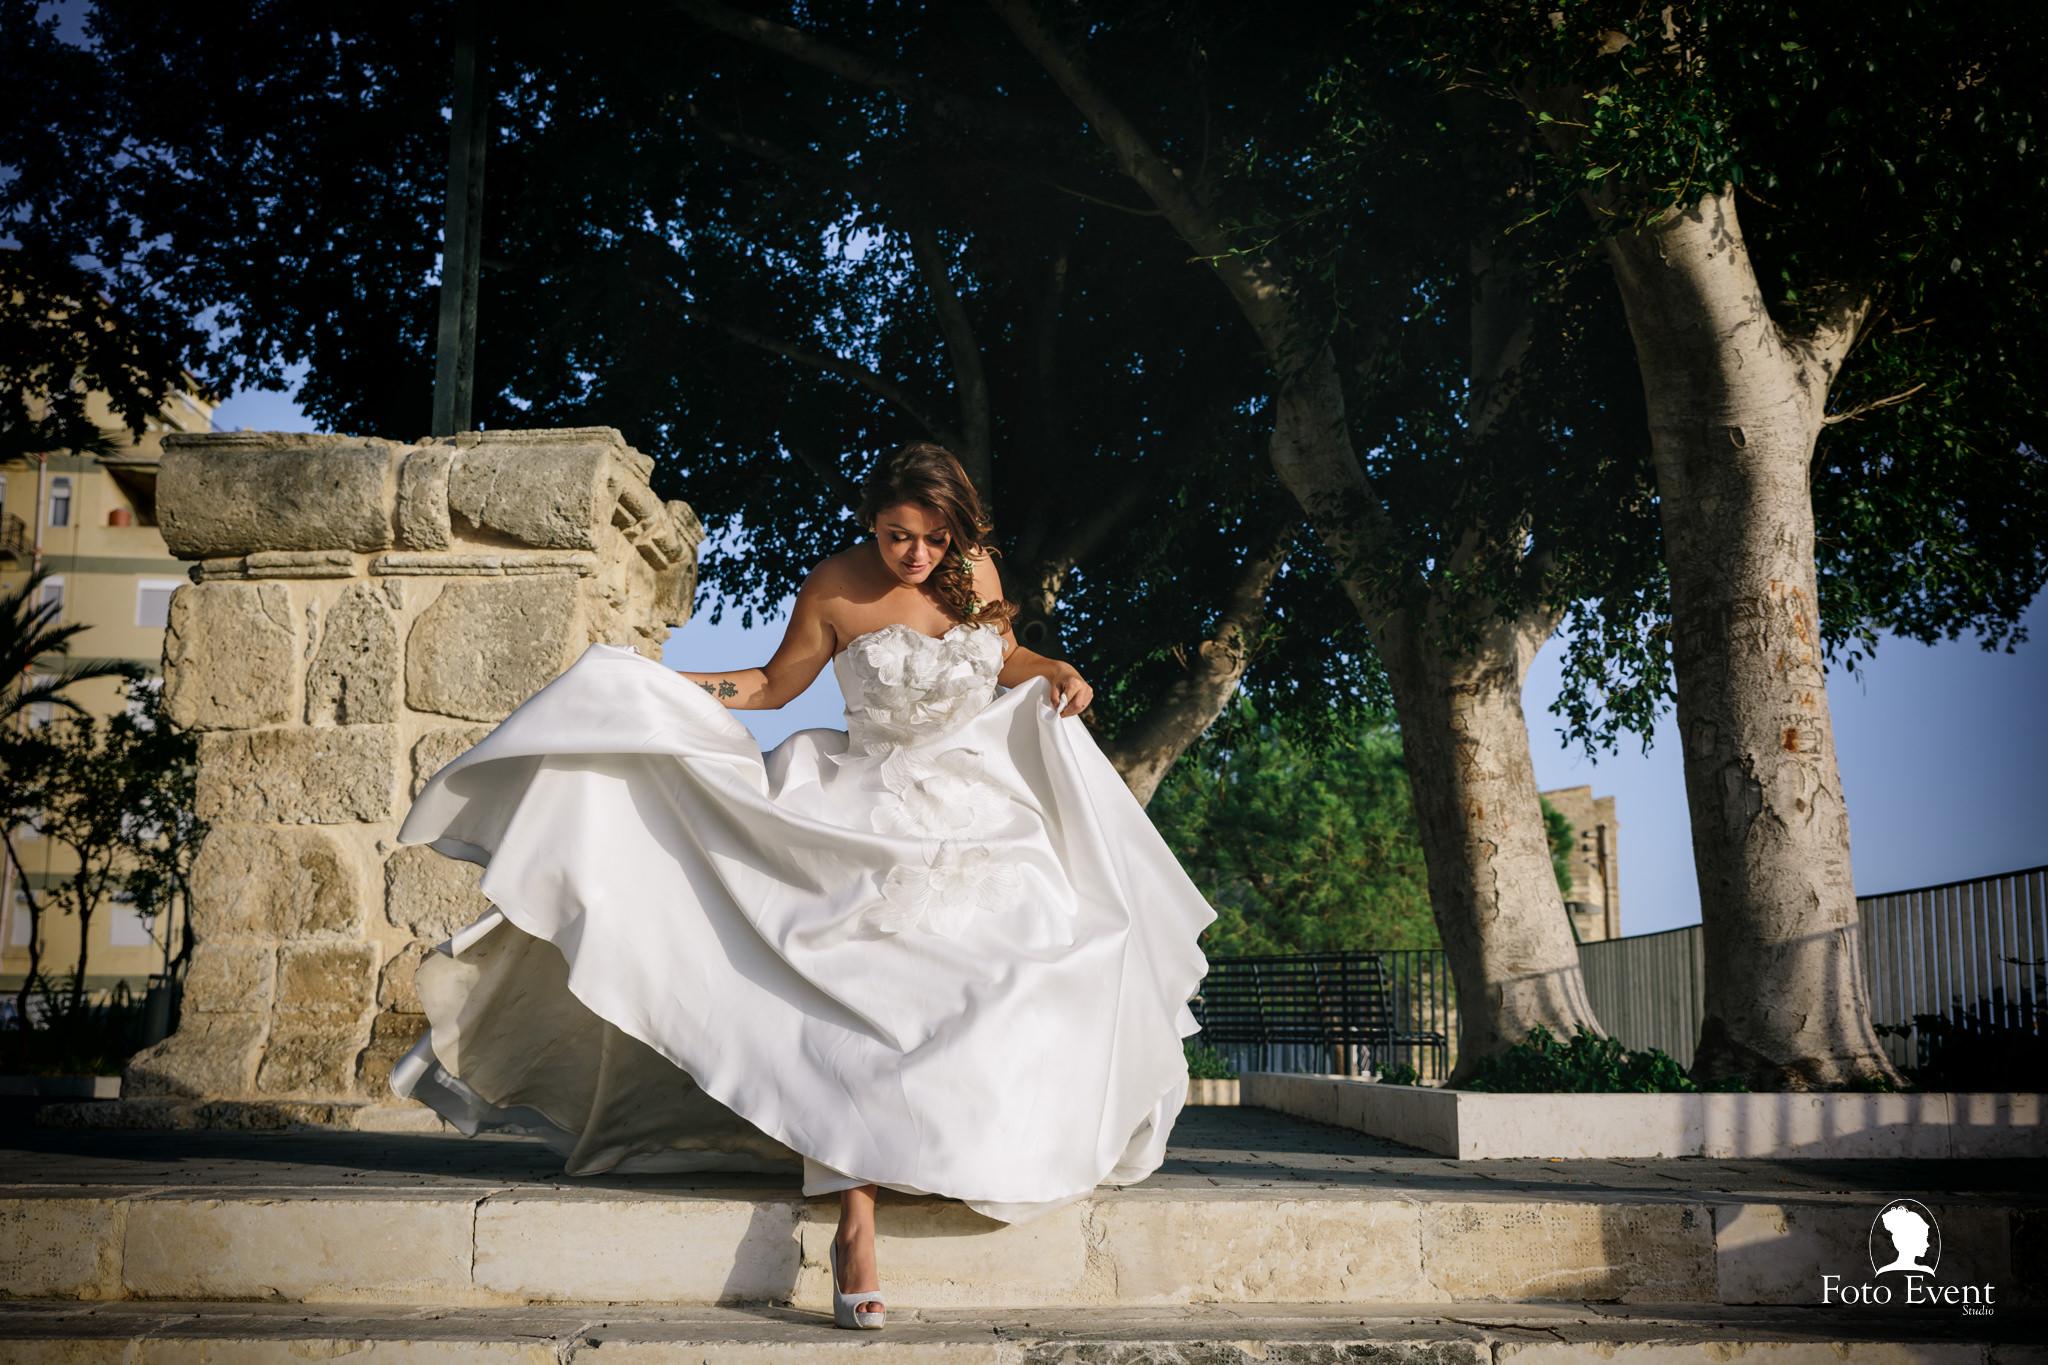 044-2020-10-15-Matrimonio-Noemi-e-Salvatore-Paterno-5DE-1768